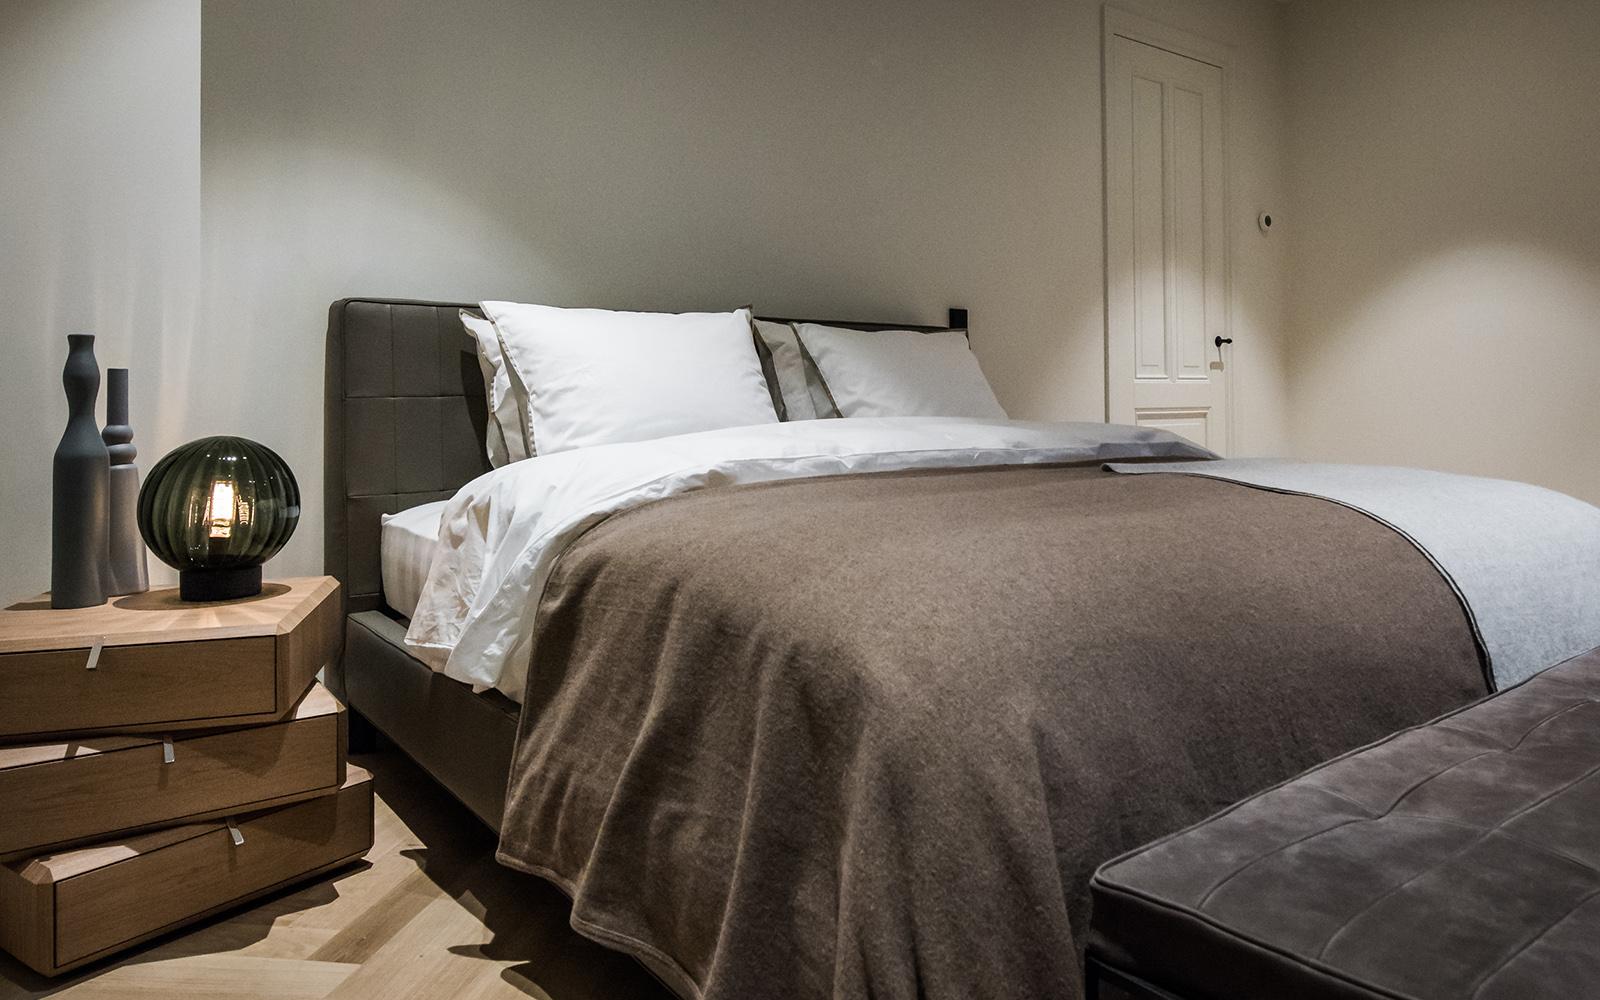 Slaapkamer, bedroom, bed, nachtkastje, studio co, co van der horst, broersma makelaardij, Zuiver Vastgoed